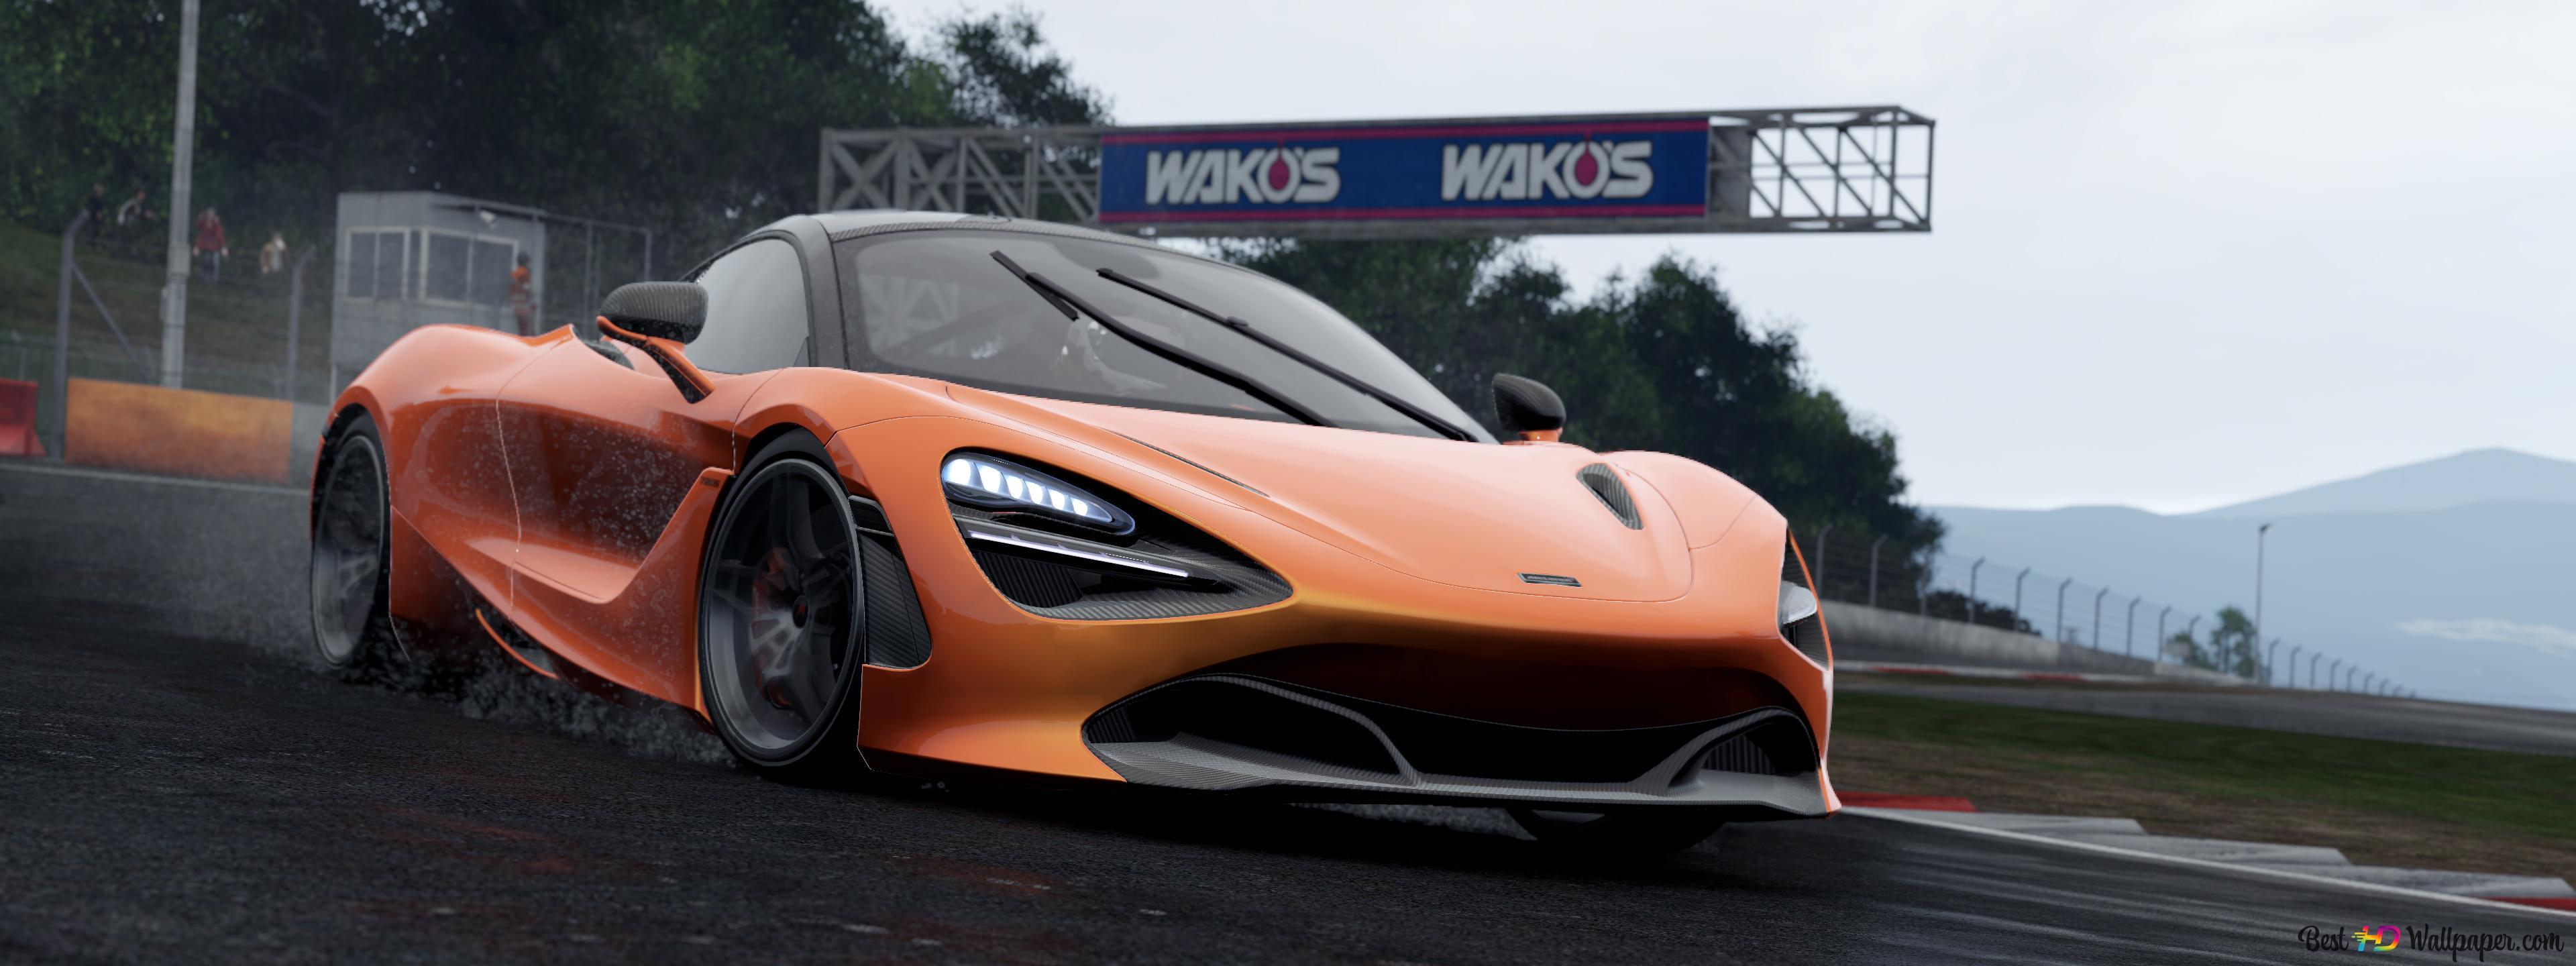 Orange Mclaren 720s Hd Wallpaper Download